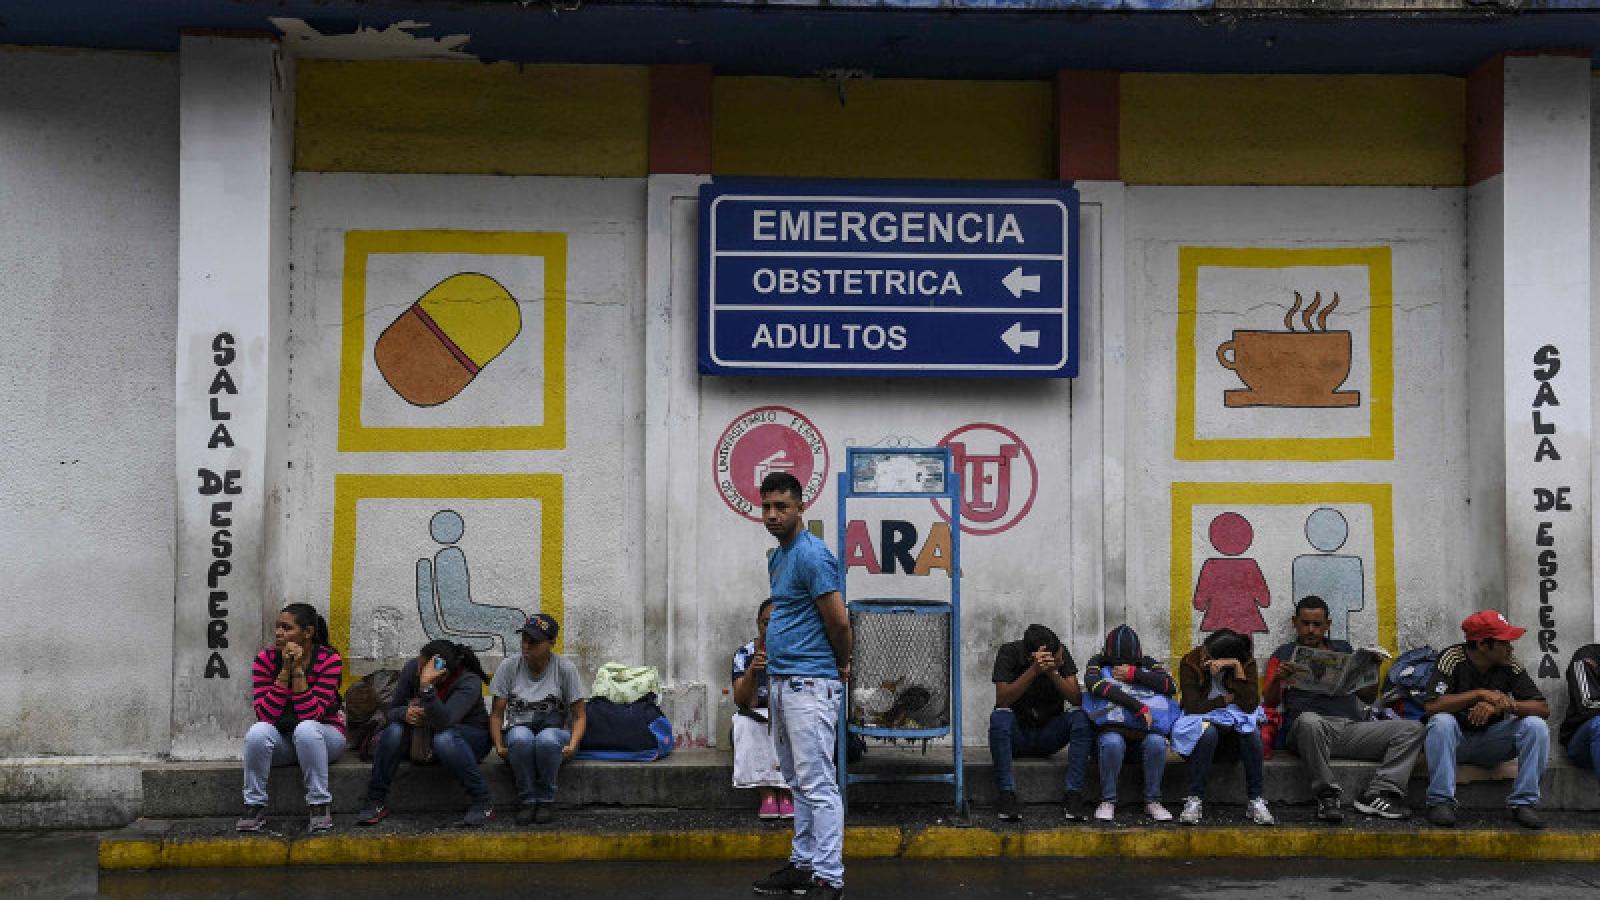 Liên Hợp Quốcđề nghị Mỹ nới lỏng các lệnh trừng phạt Venezuela